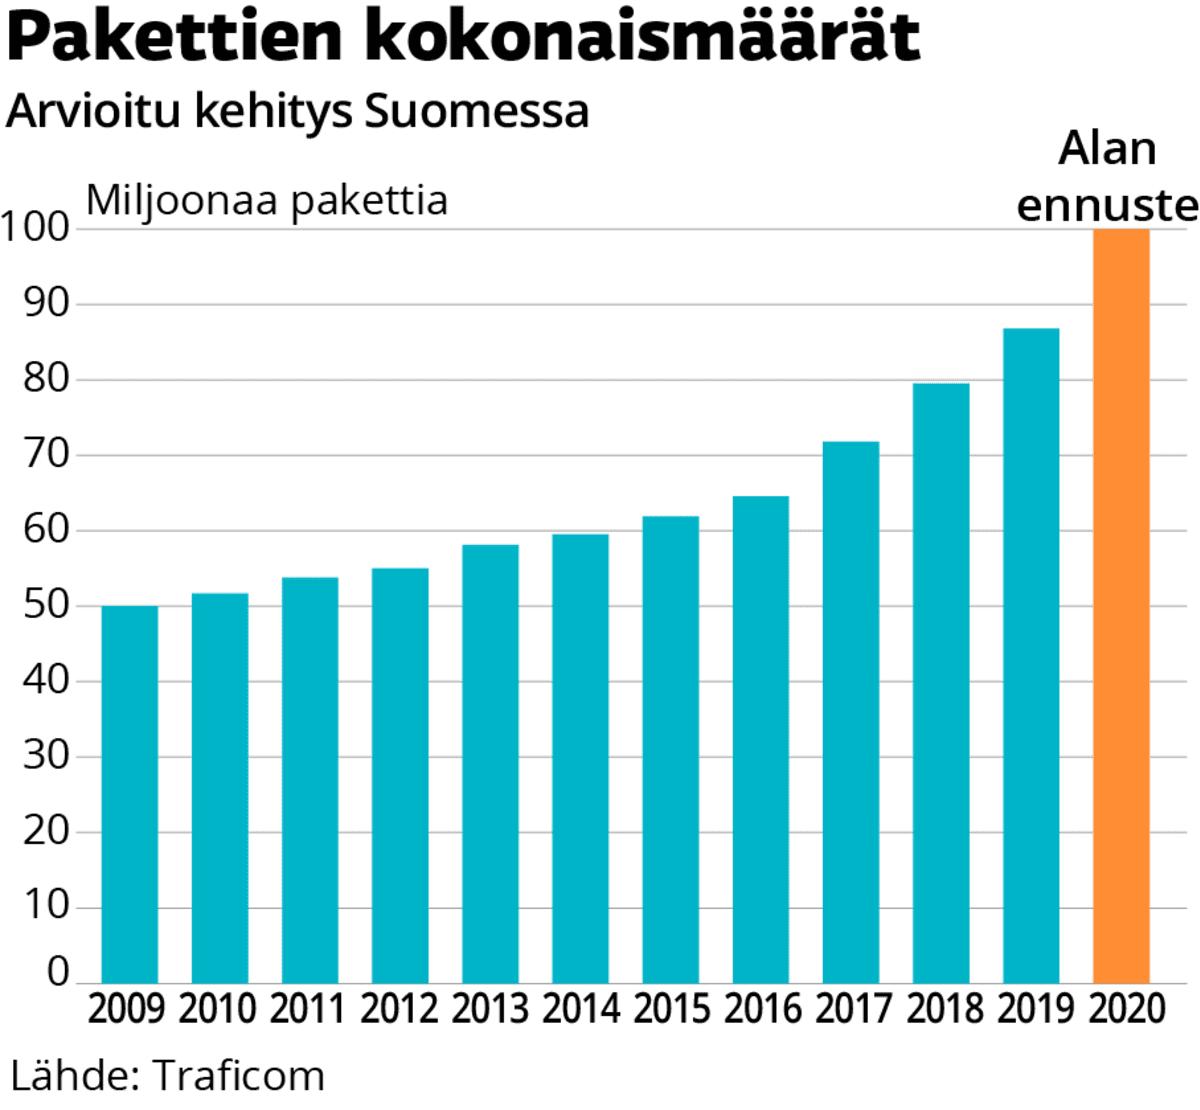 Pakettien kokonaismäärän kehitys Suomessa vuoden 2009 50 miljoonasta vuoden 2020 arvioon 100 miljoonaa pakettia.